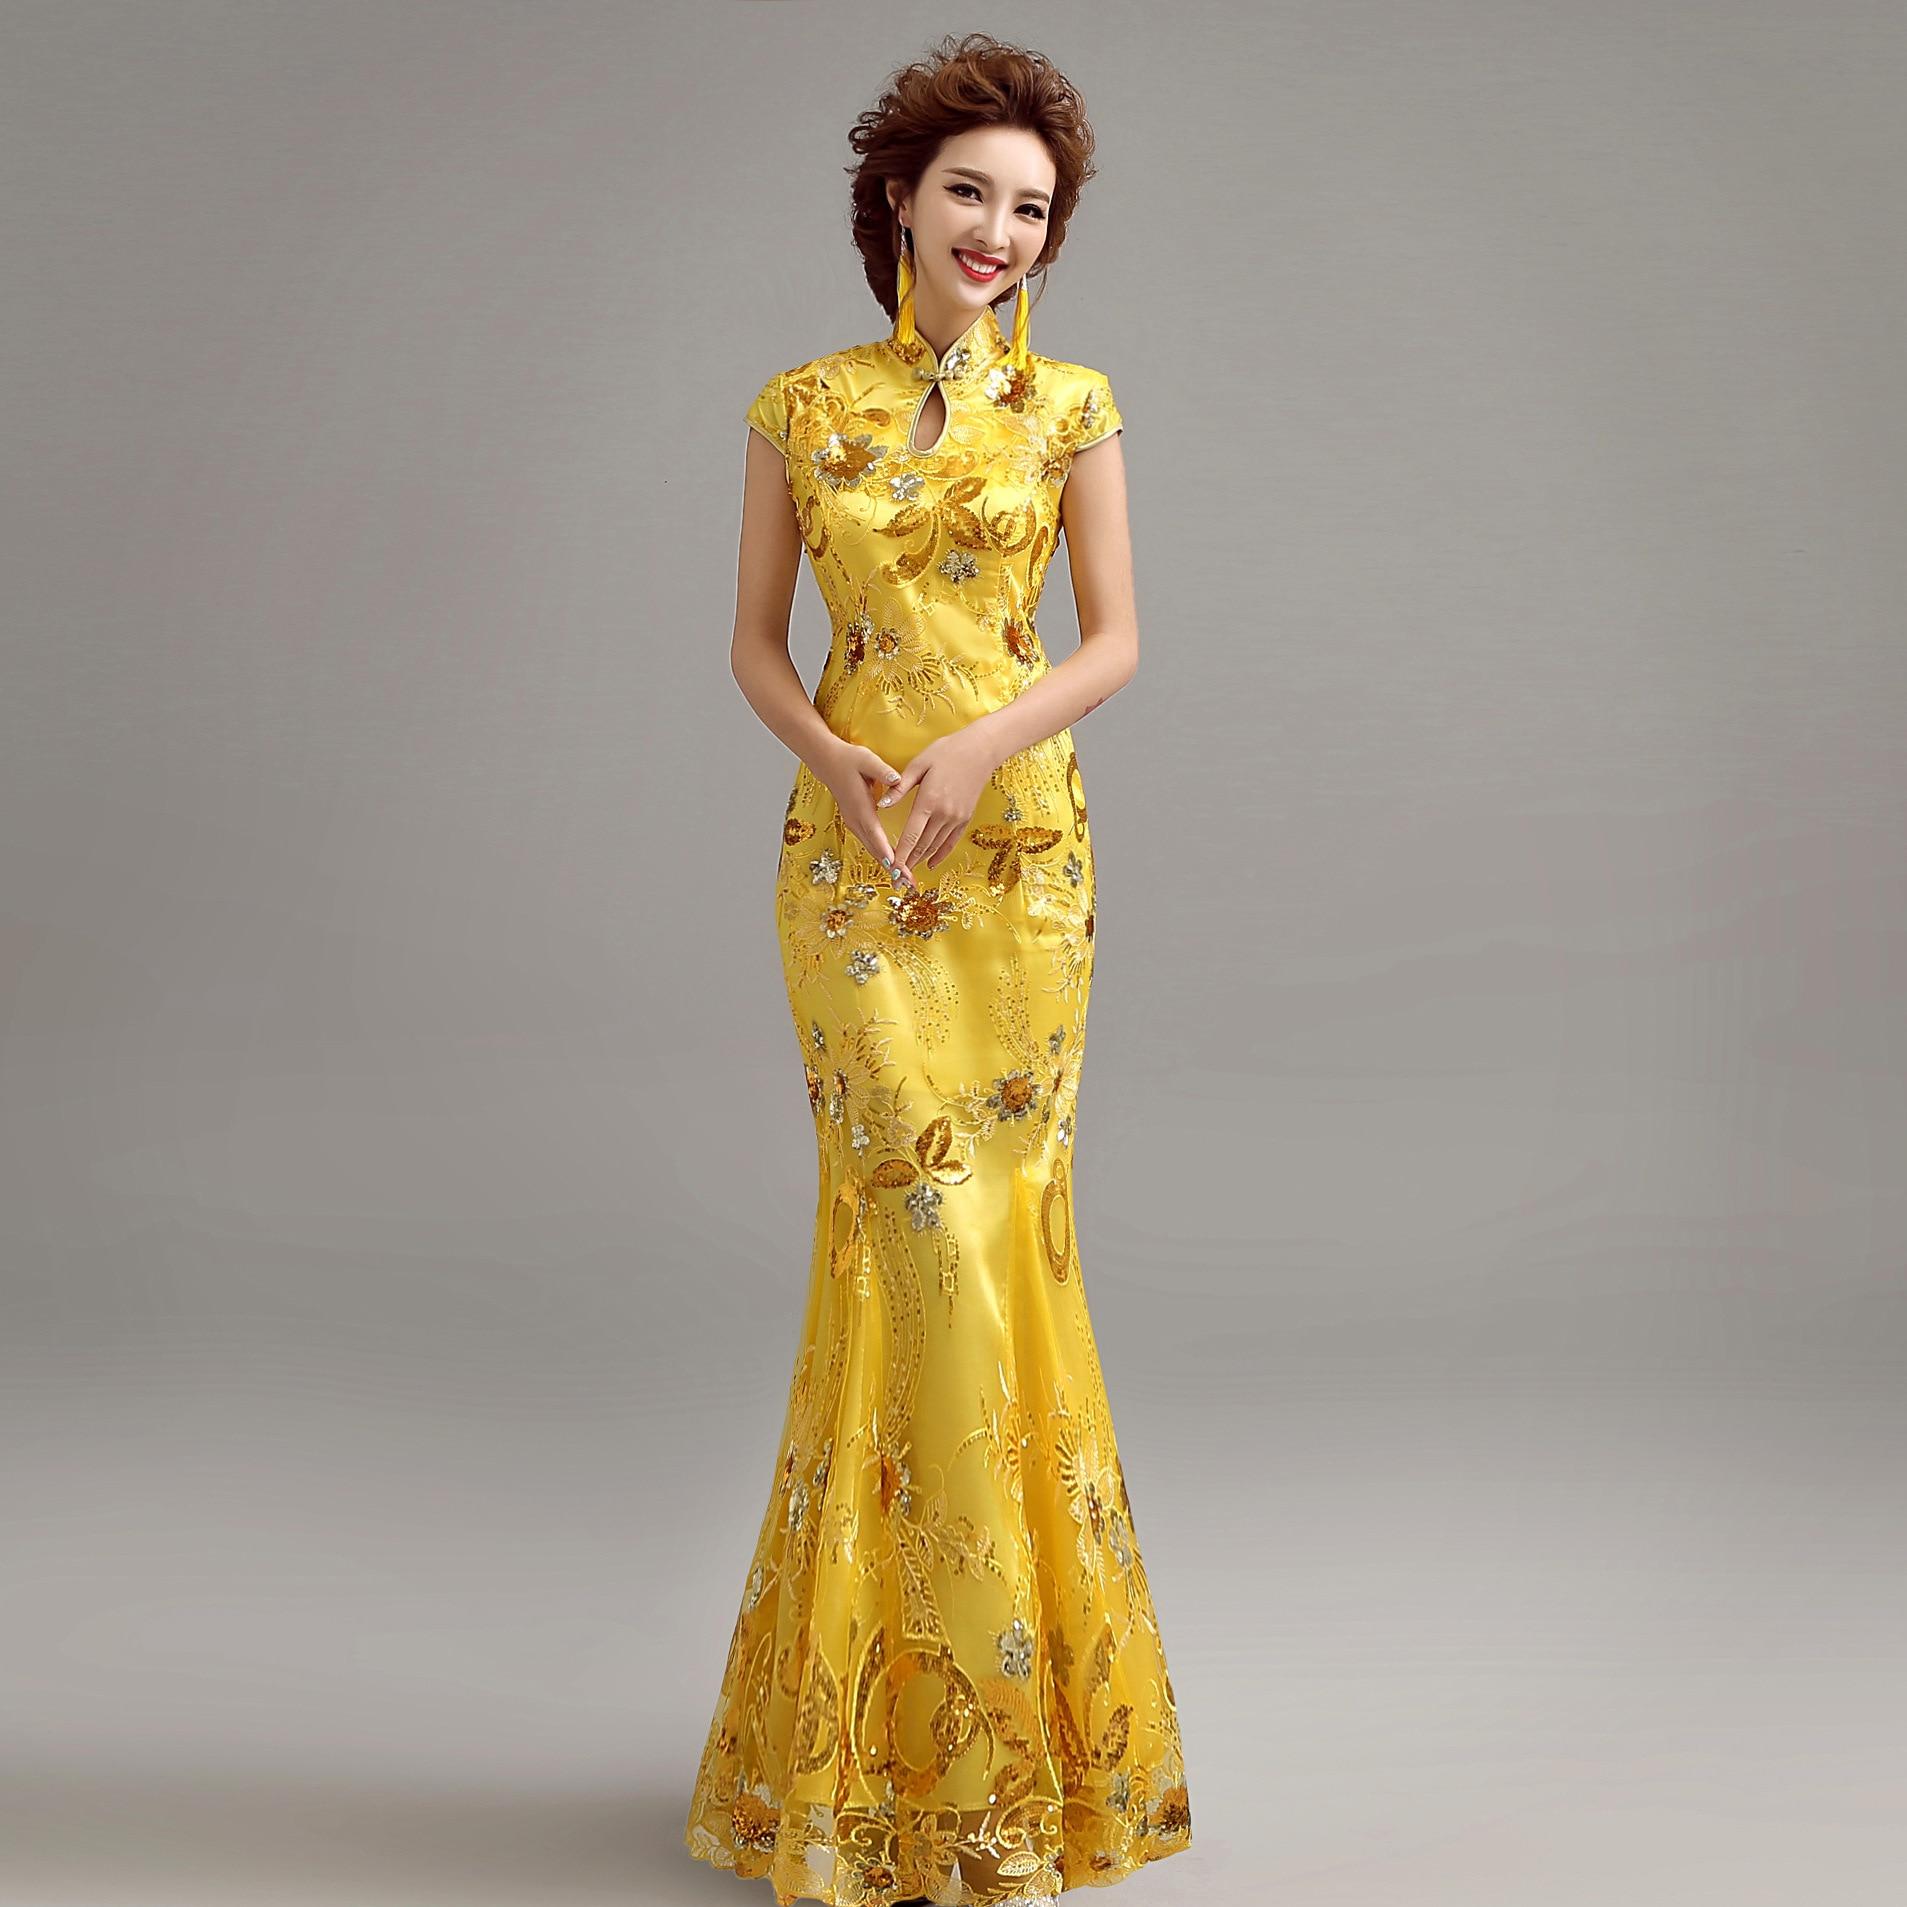 New Wedding Dresses Online Shopping China | Wedding